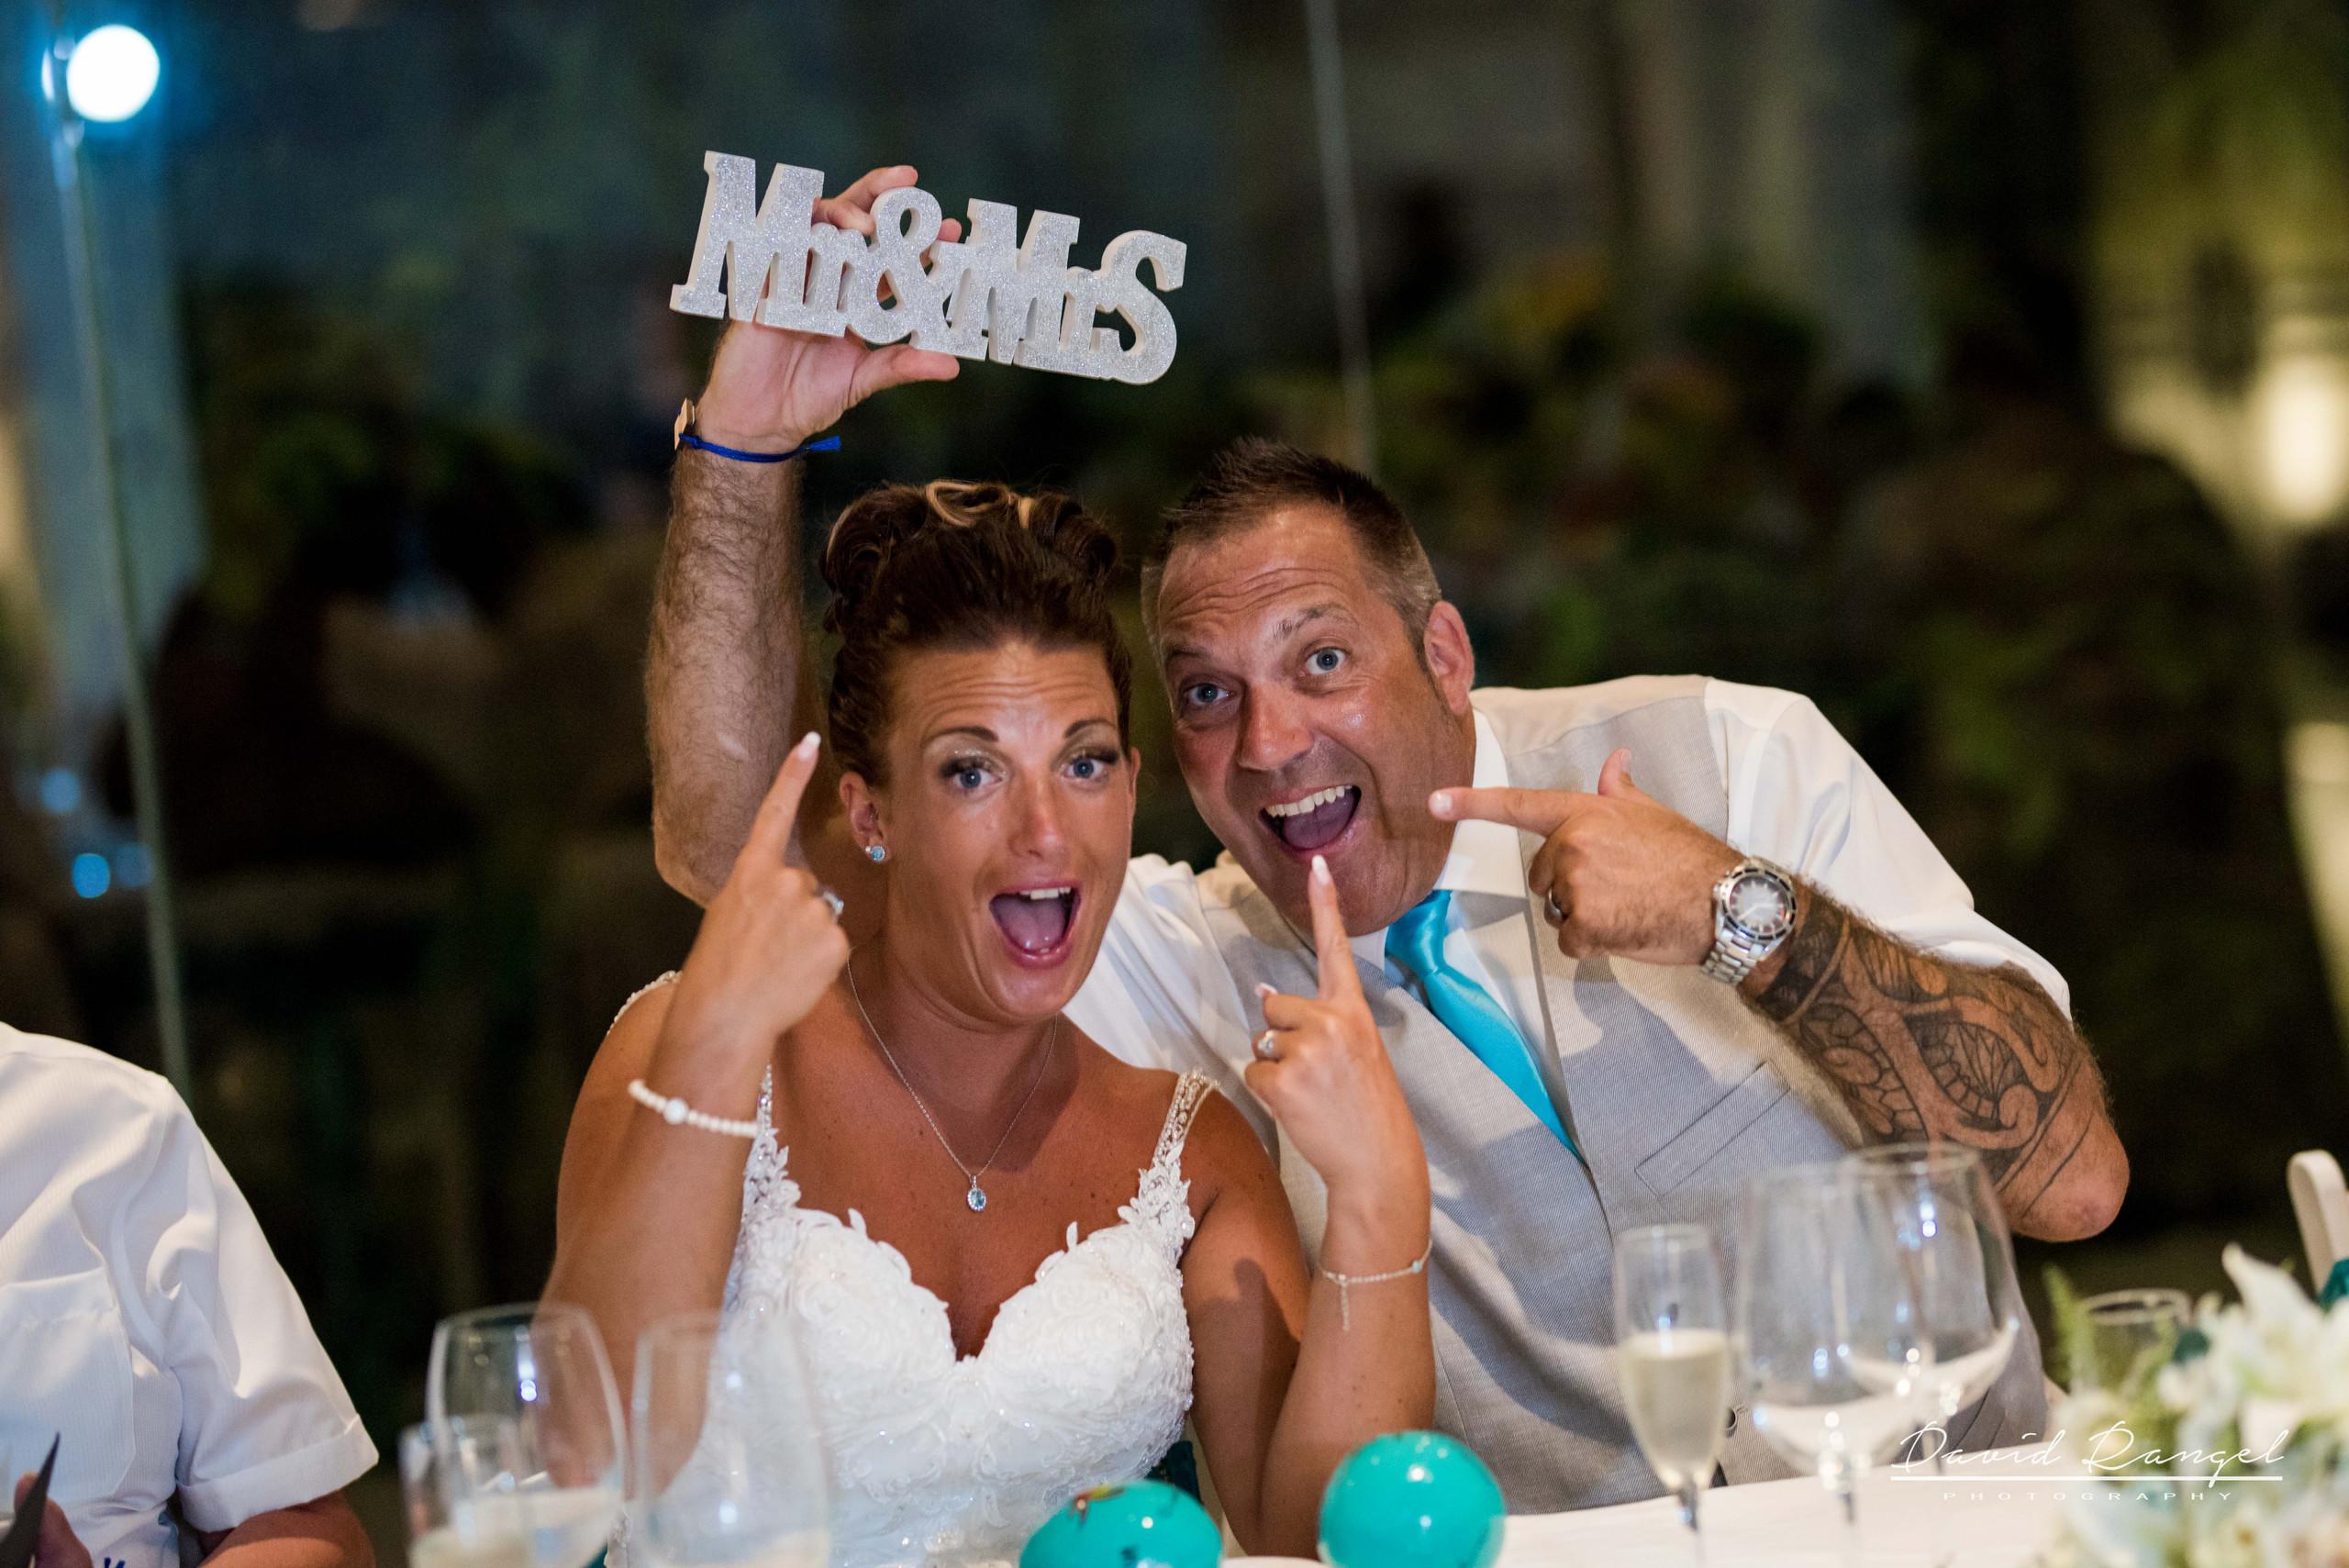 wedding+reception+photo+bride+groom